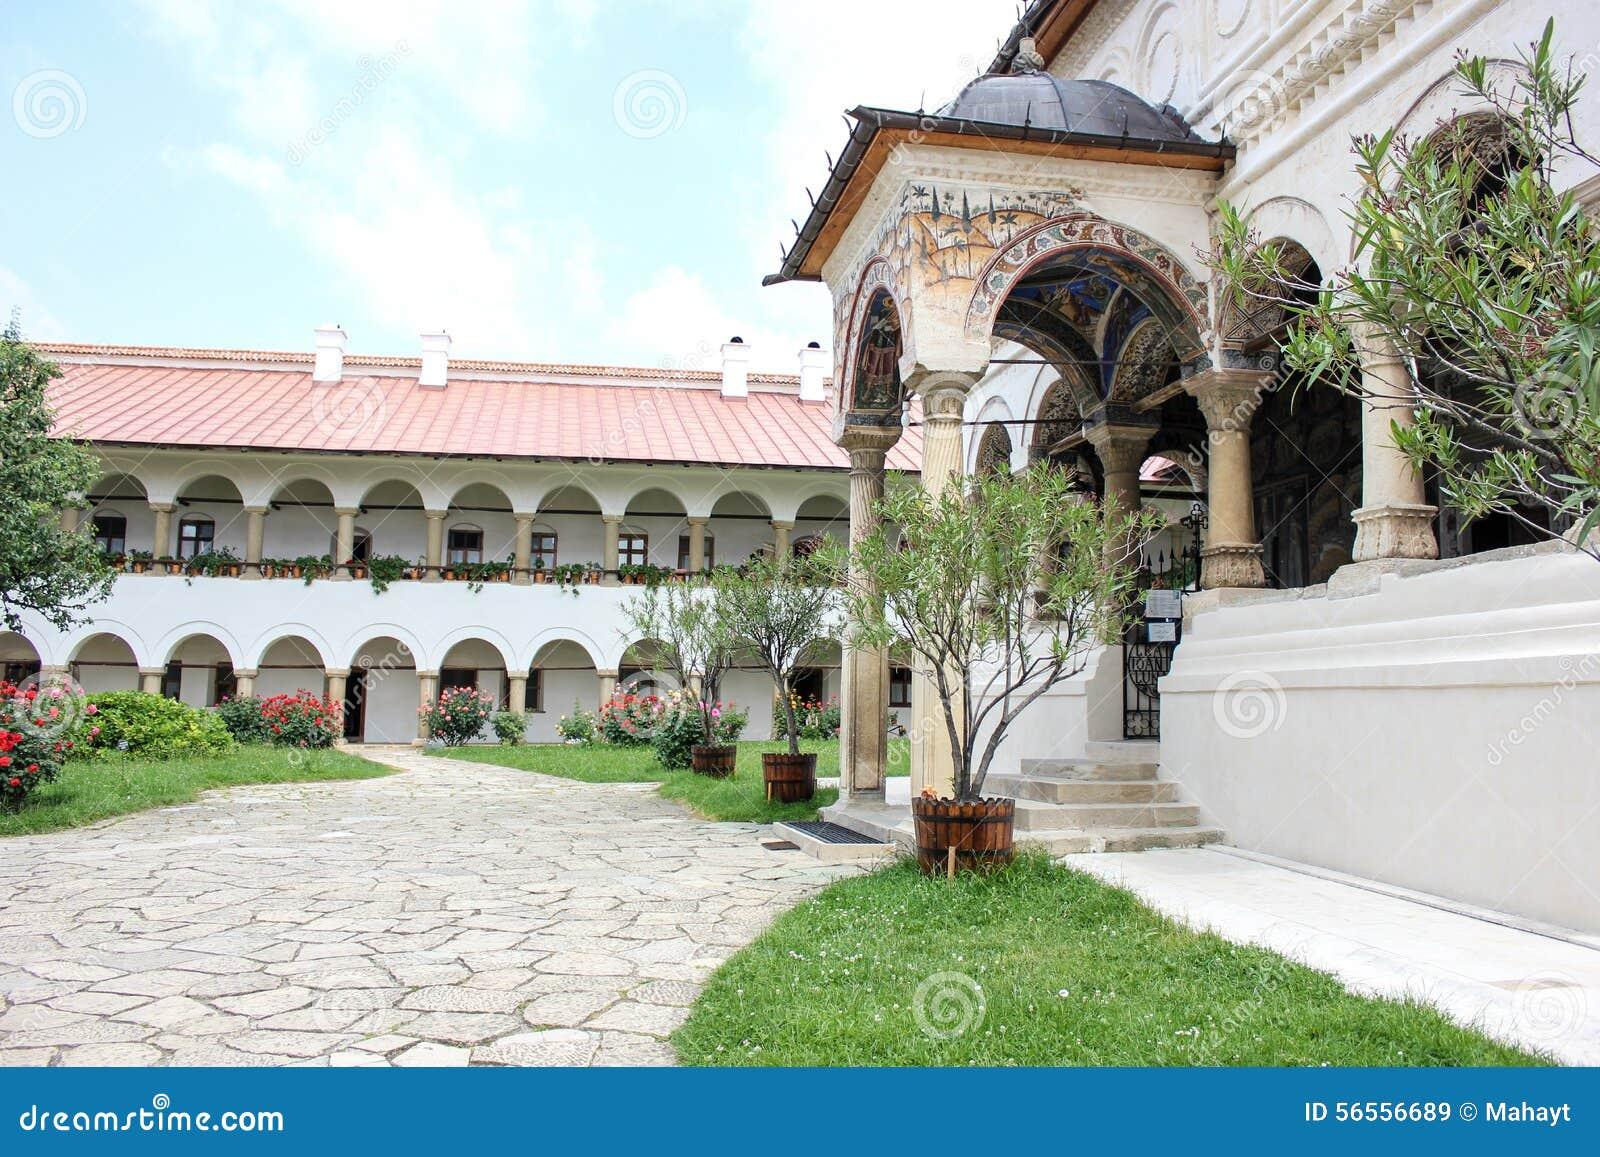 Download Αγροτικό τοπίο με το παλαιό μοναστήρι στη Ρουμανία Στοκ Εικόνα - εικόνα από εξωτερικό, γηγενής: 56556689